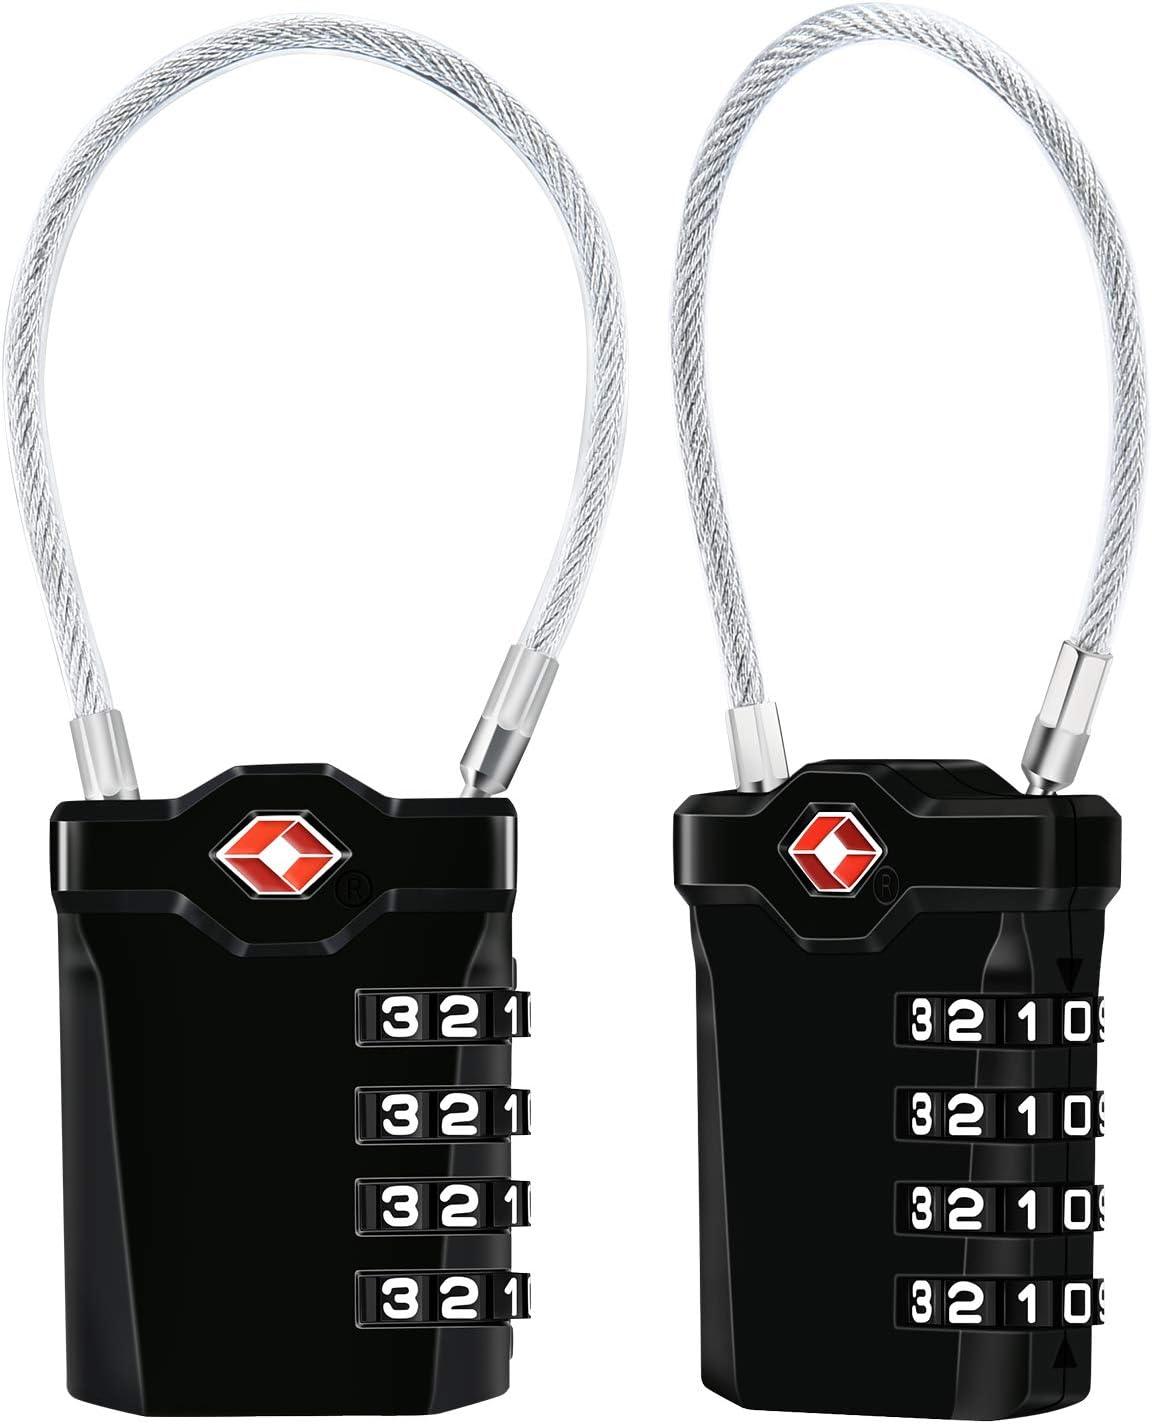 TSA Equipaje Locks, [VersióN MáS Nueva] [Paquete De 2] Diyife Candado De Seguridad Diyife De 4 DíGitos, Candados De CombinacióN, Bloqueo De CóDigo Para Maletas De Viaje, Mochila De Equipaje(Negro)